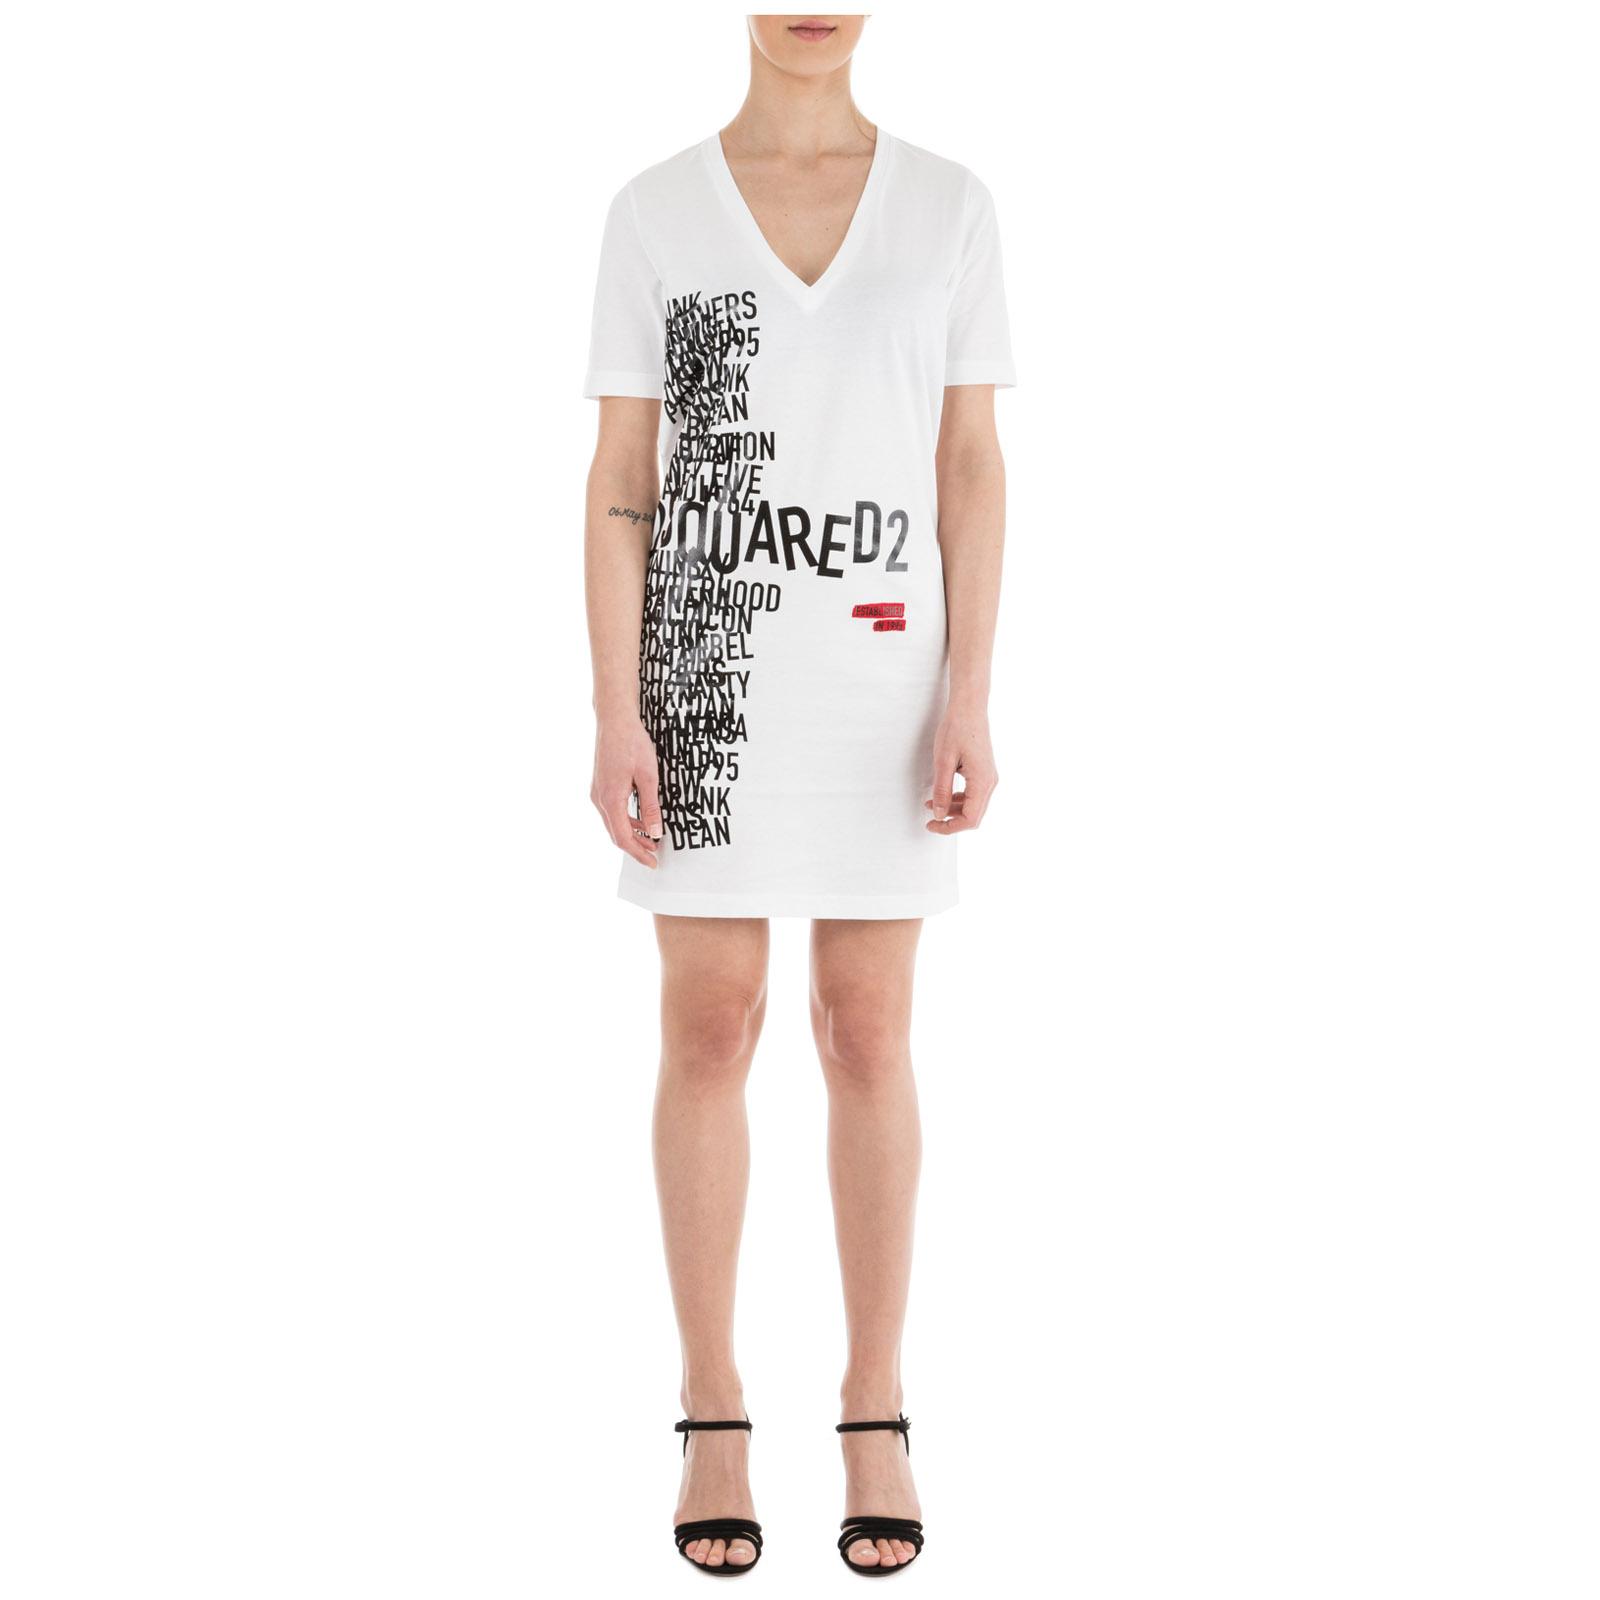 Women's t-shirt short sleeve v-neck